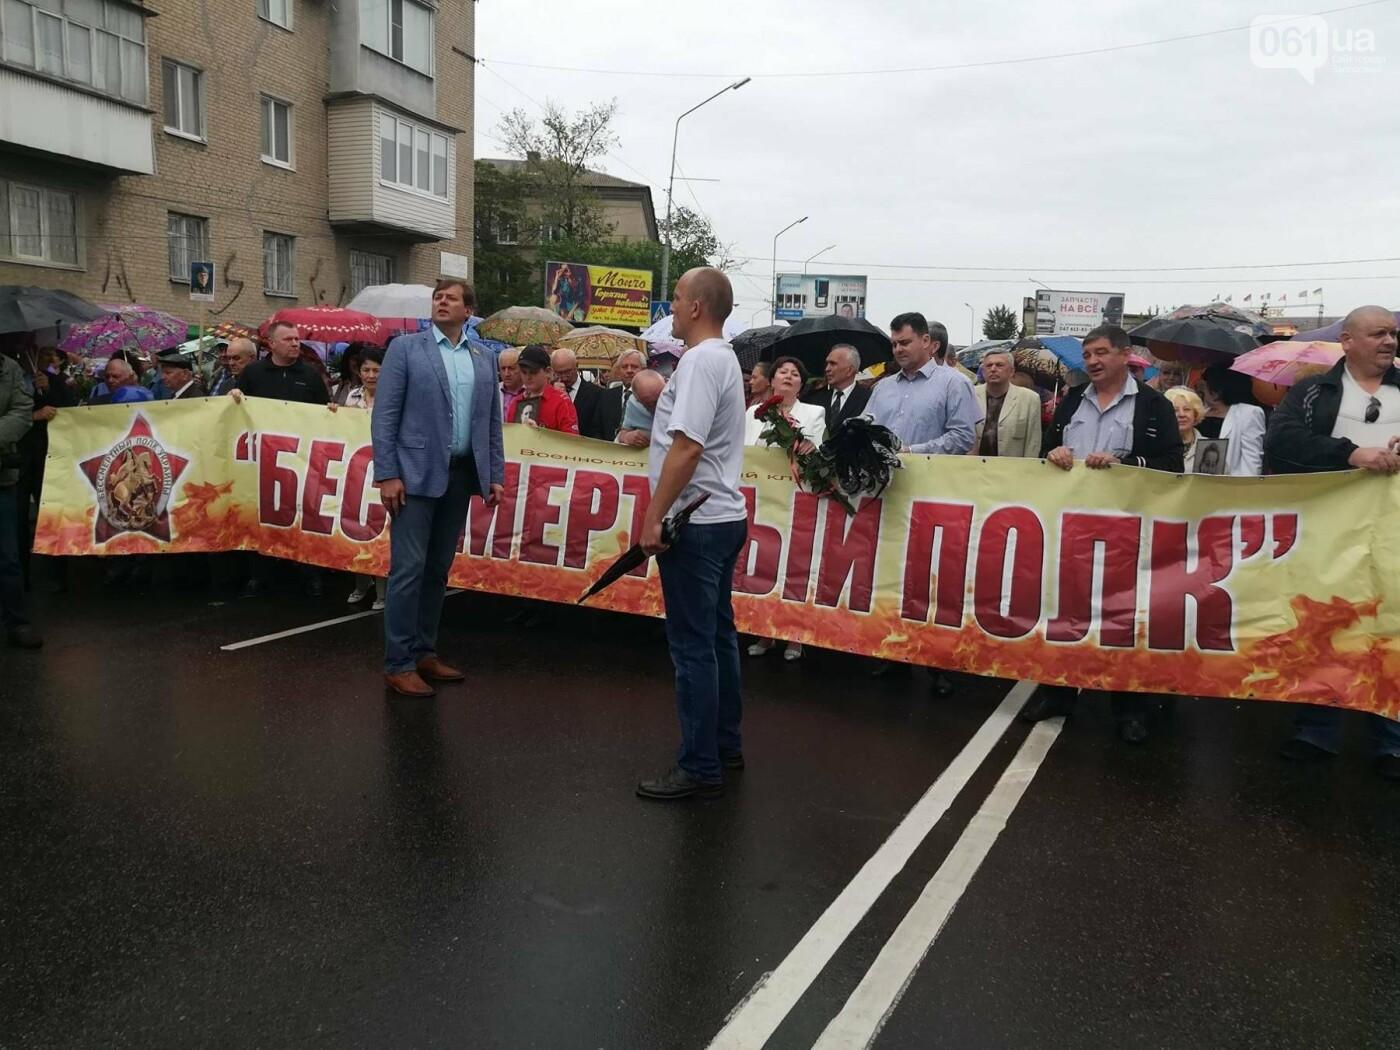 В Мелитополе митинг Балицкого закончился дракой - полиция просила снять георгиевские ленты, - ФОТО, ВИДЕО, фото-3